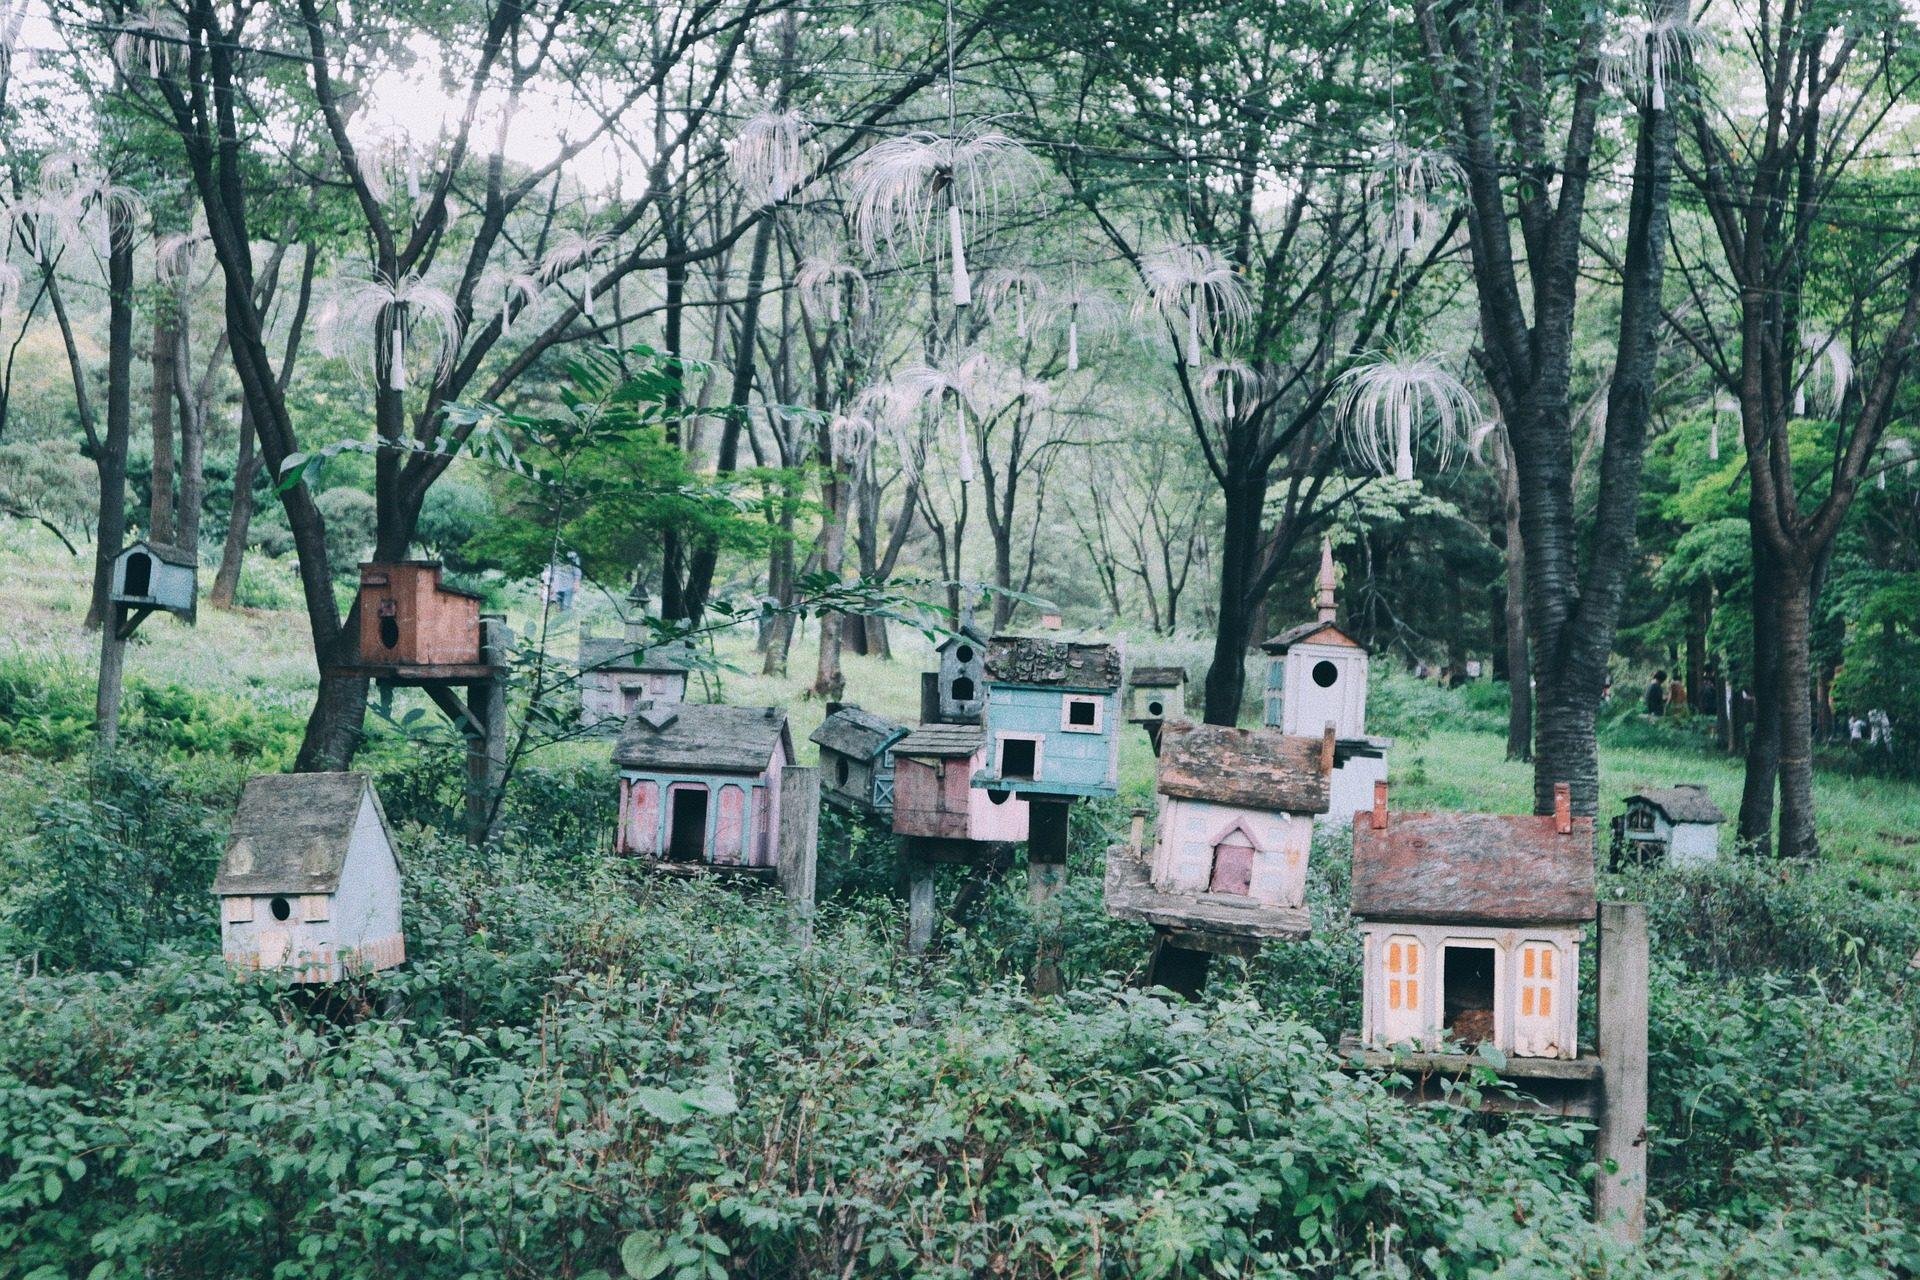 房屋, 鸟类, 巢, 树木, 森林 - 高清壁纸 - 教授-falken.com